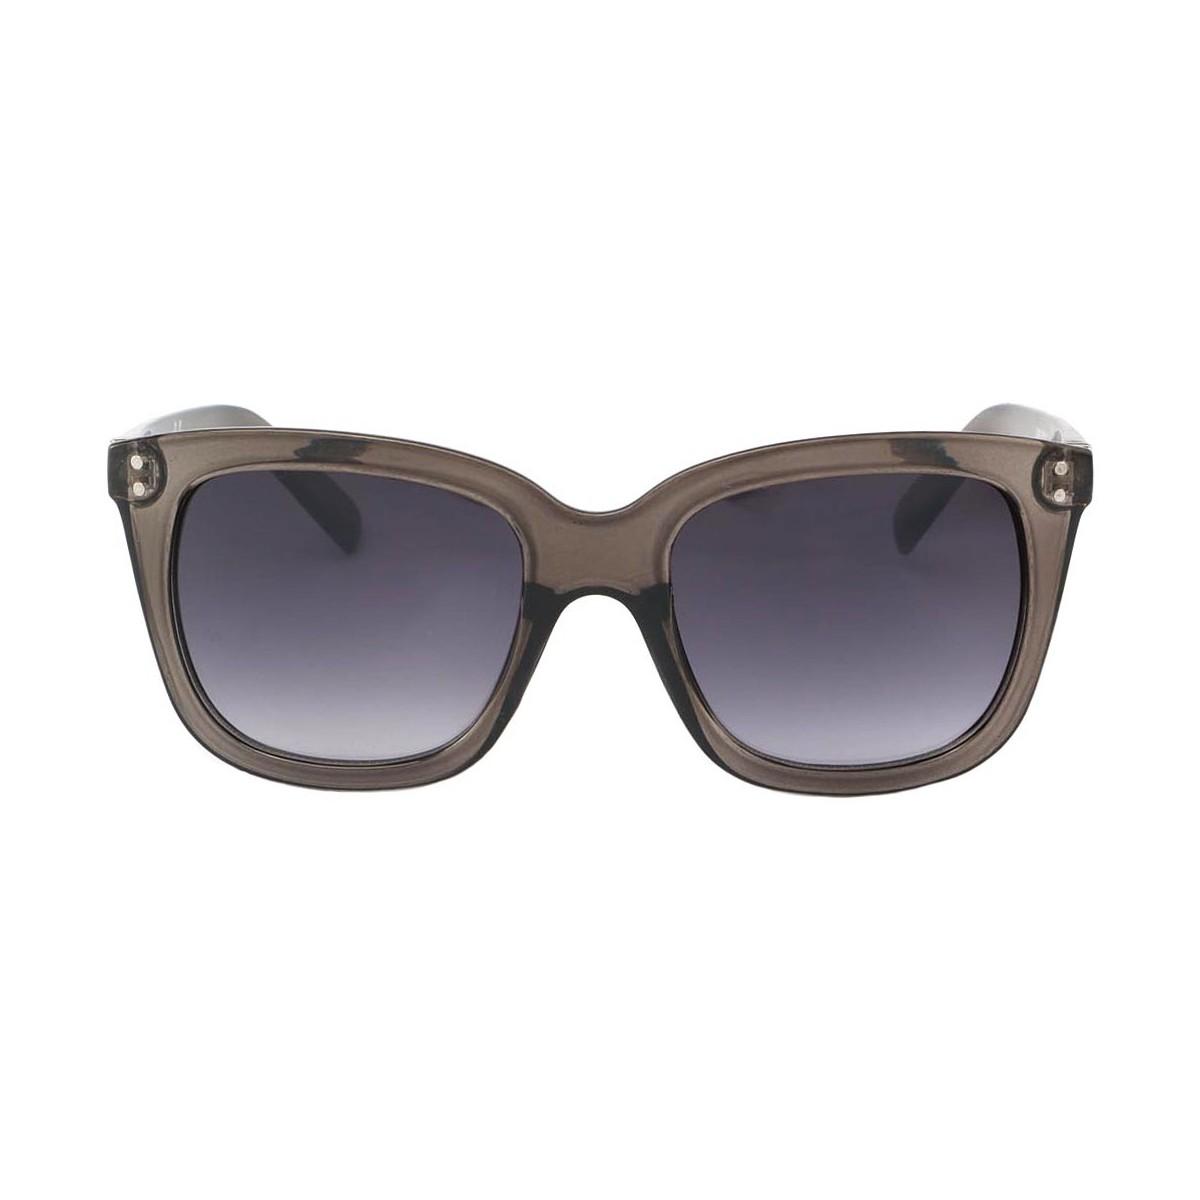 eye wear lunettes de soleil femme transparente marron olya marron montres bijoux lunettes de. Black Bedroom Furniture Sets. Home Design Ideas